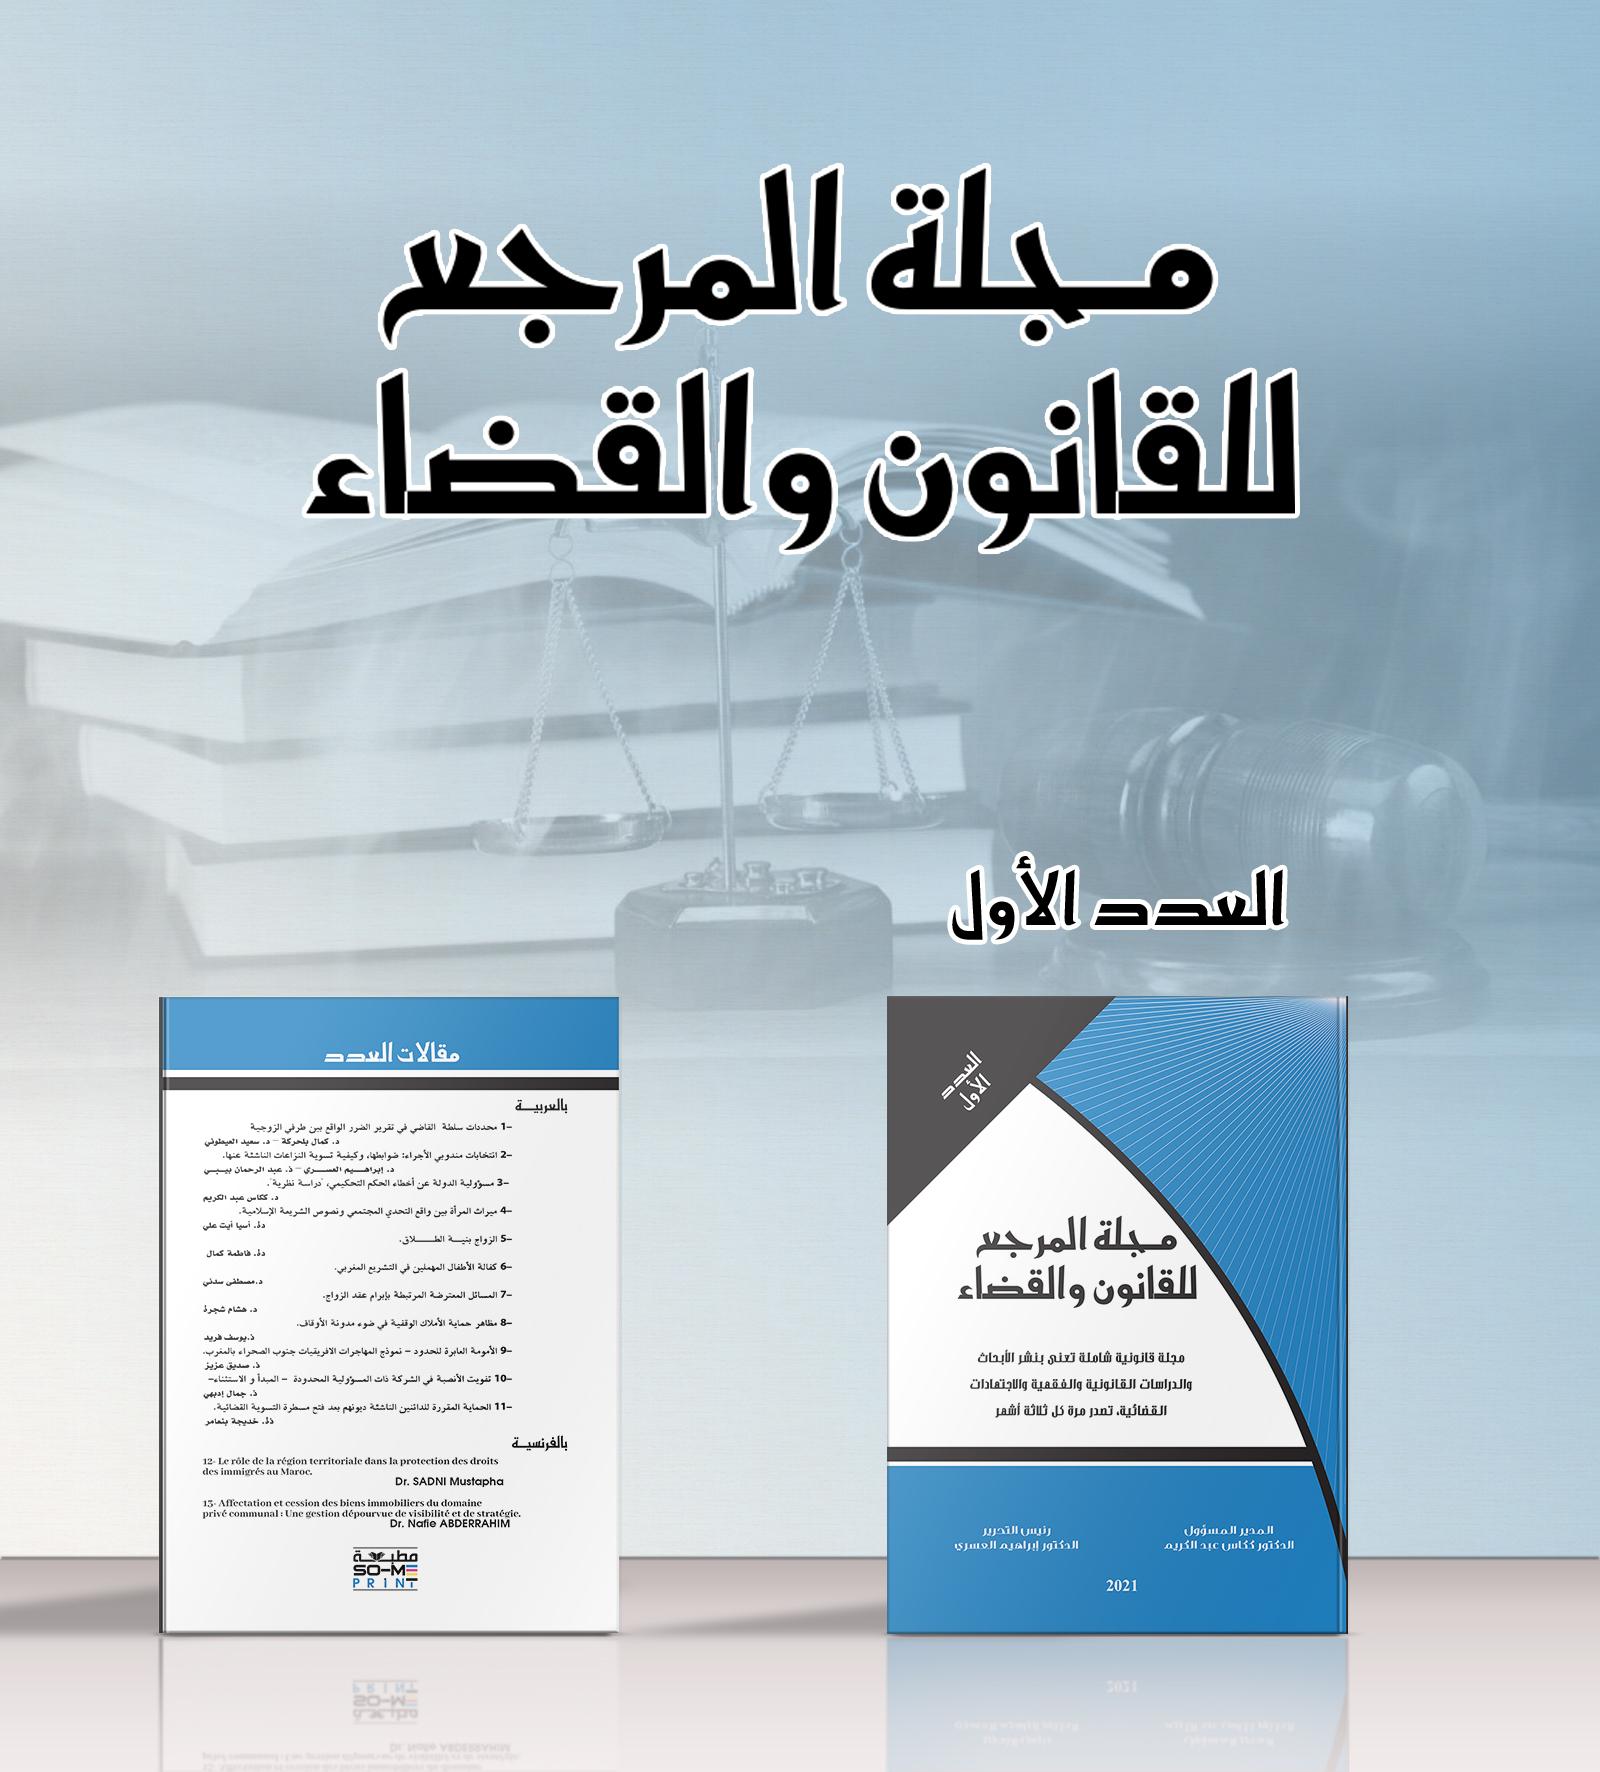 صدور العدد الأول من مجلة المرجع للقانون والقضاء